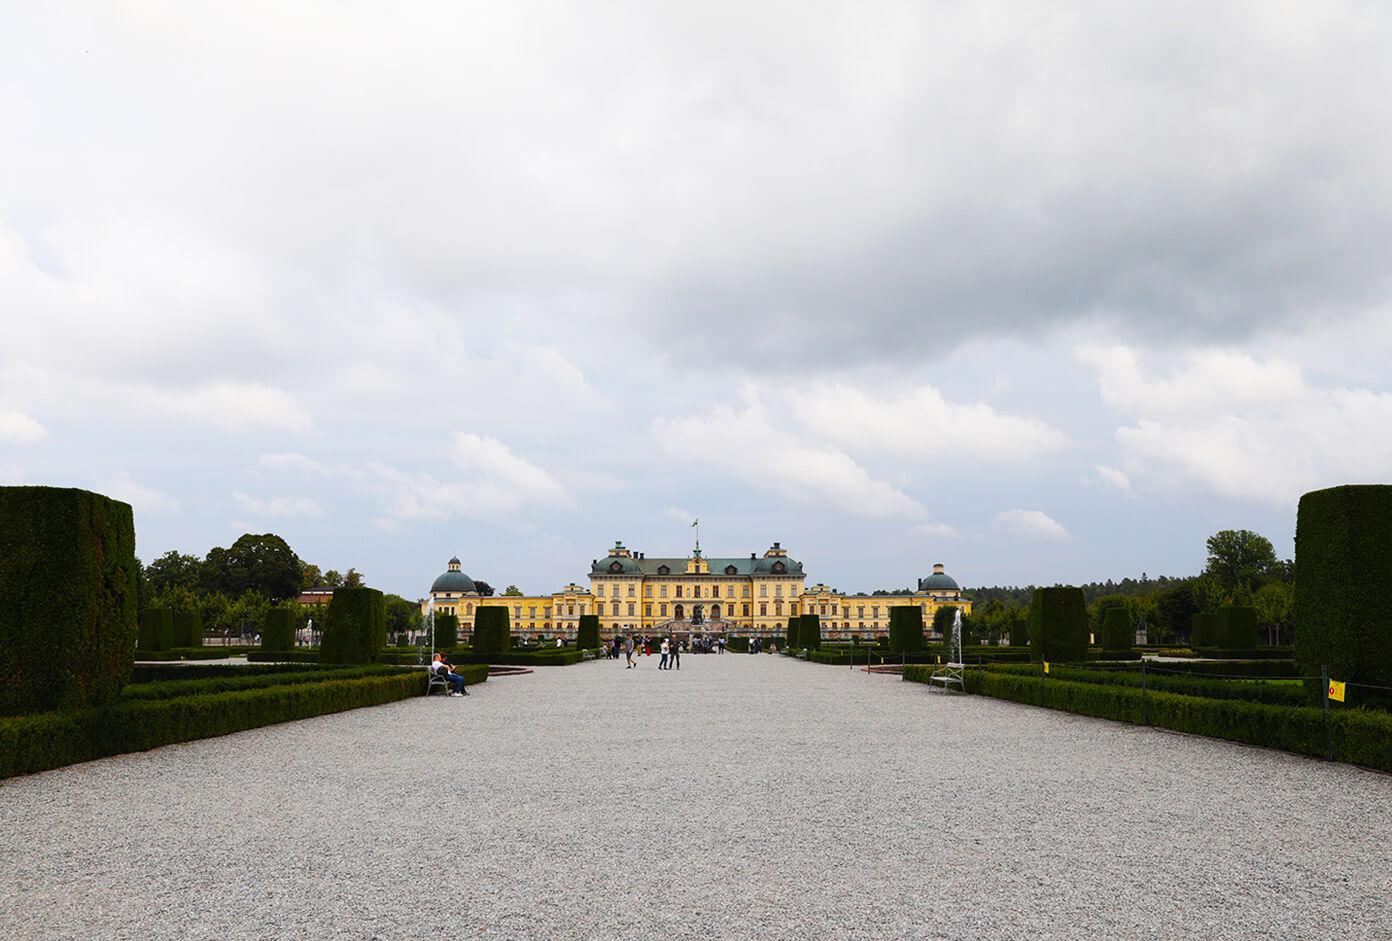 Drottningholm Palace - Stockholm, Sweden